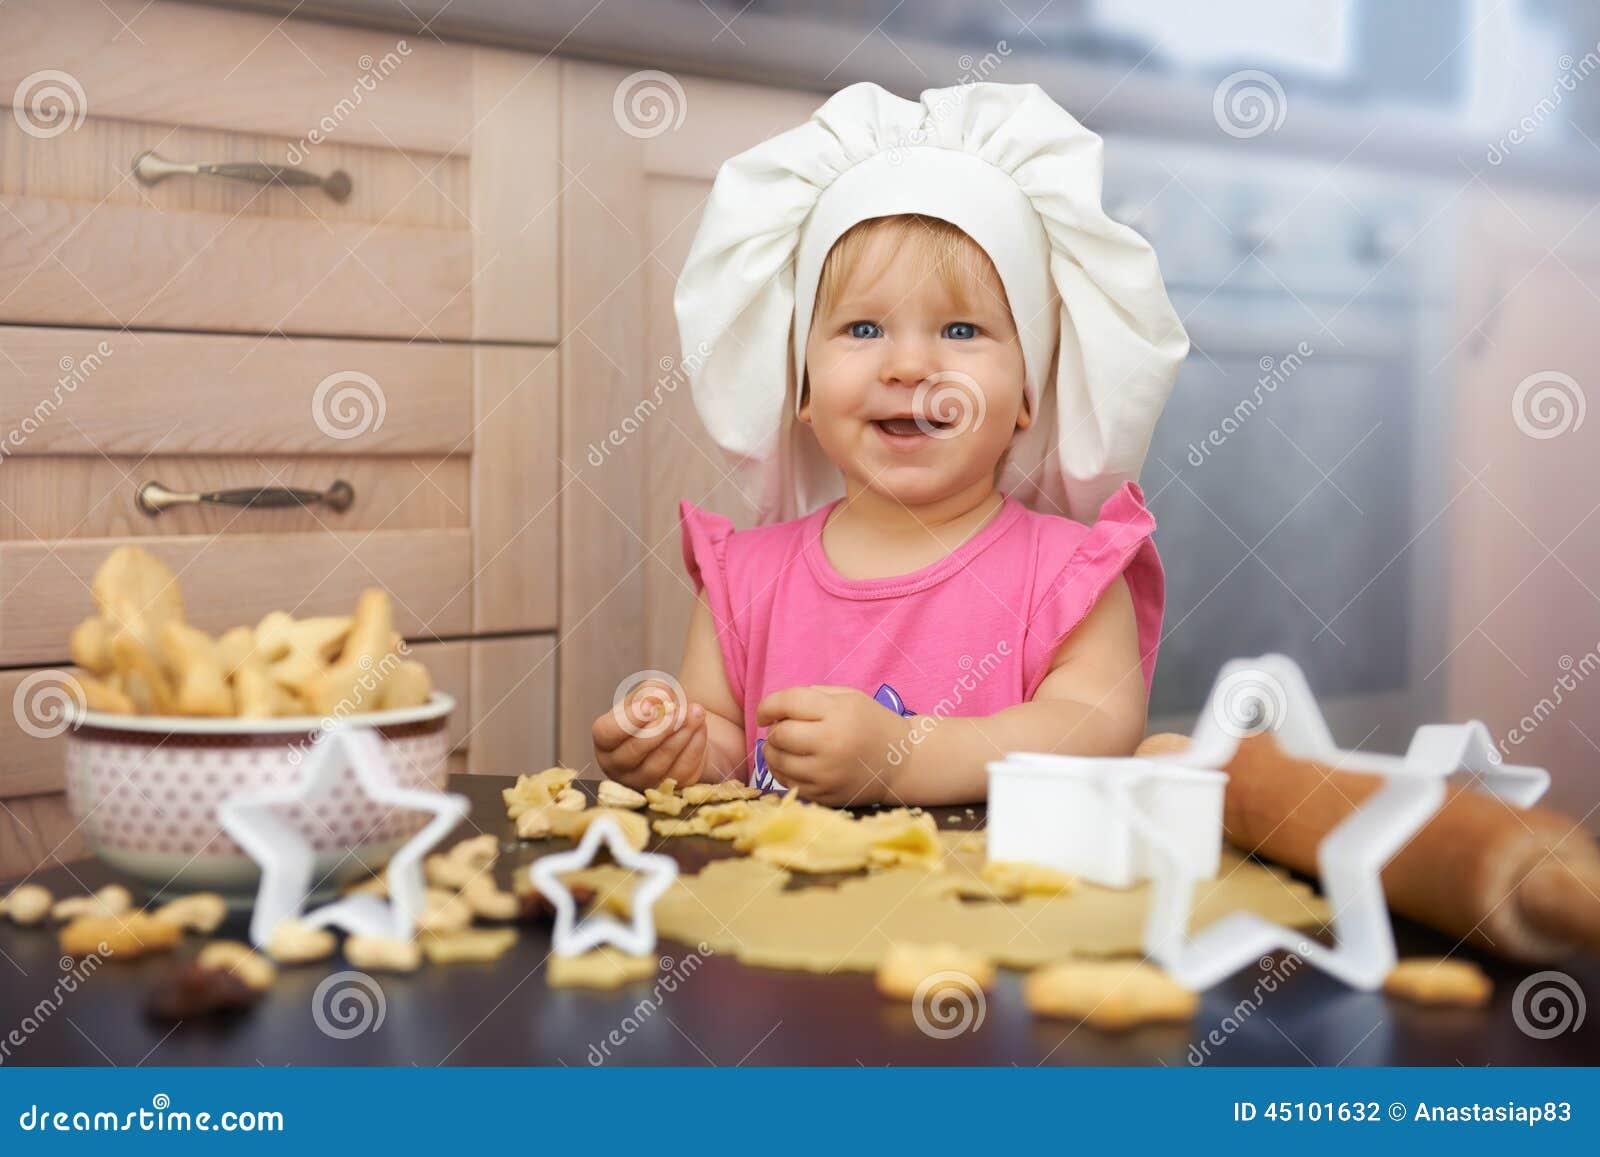 Chef de petit enfant faisant cuire des biscuits dans la - Couple faisant l amour dans la cuisine ...